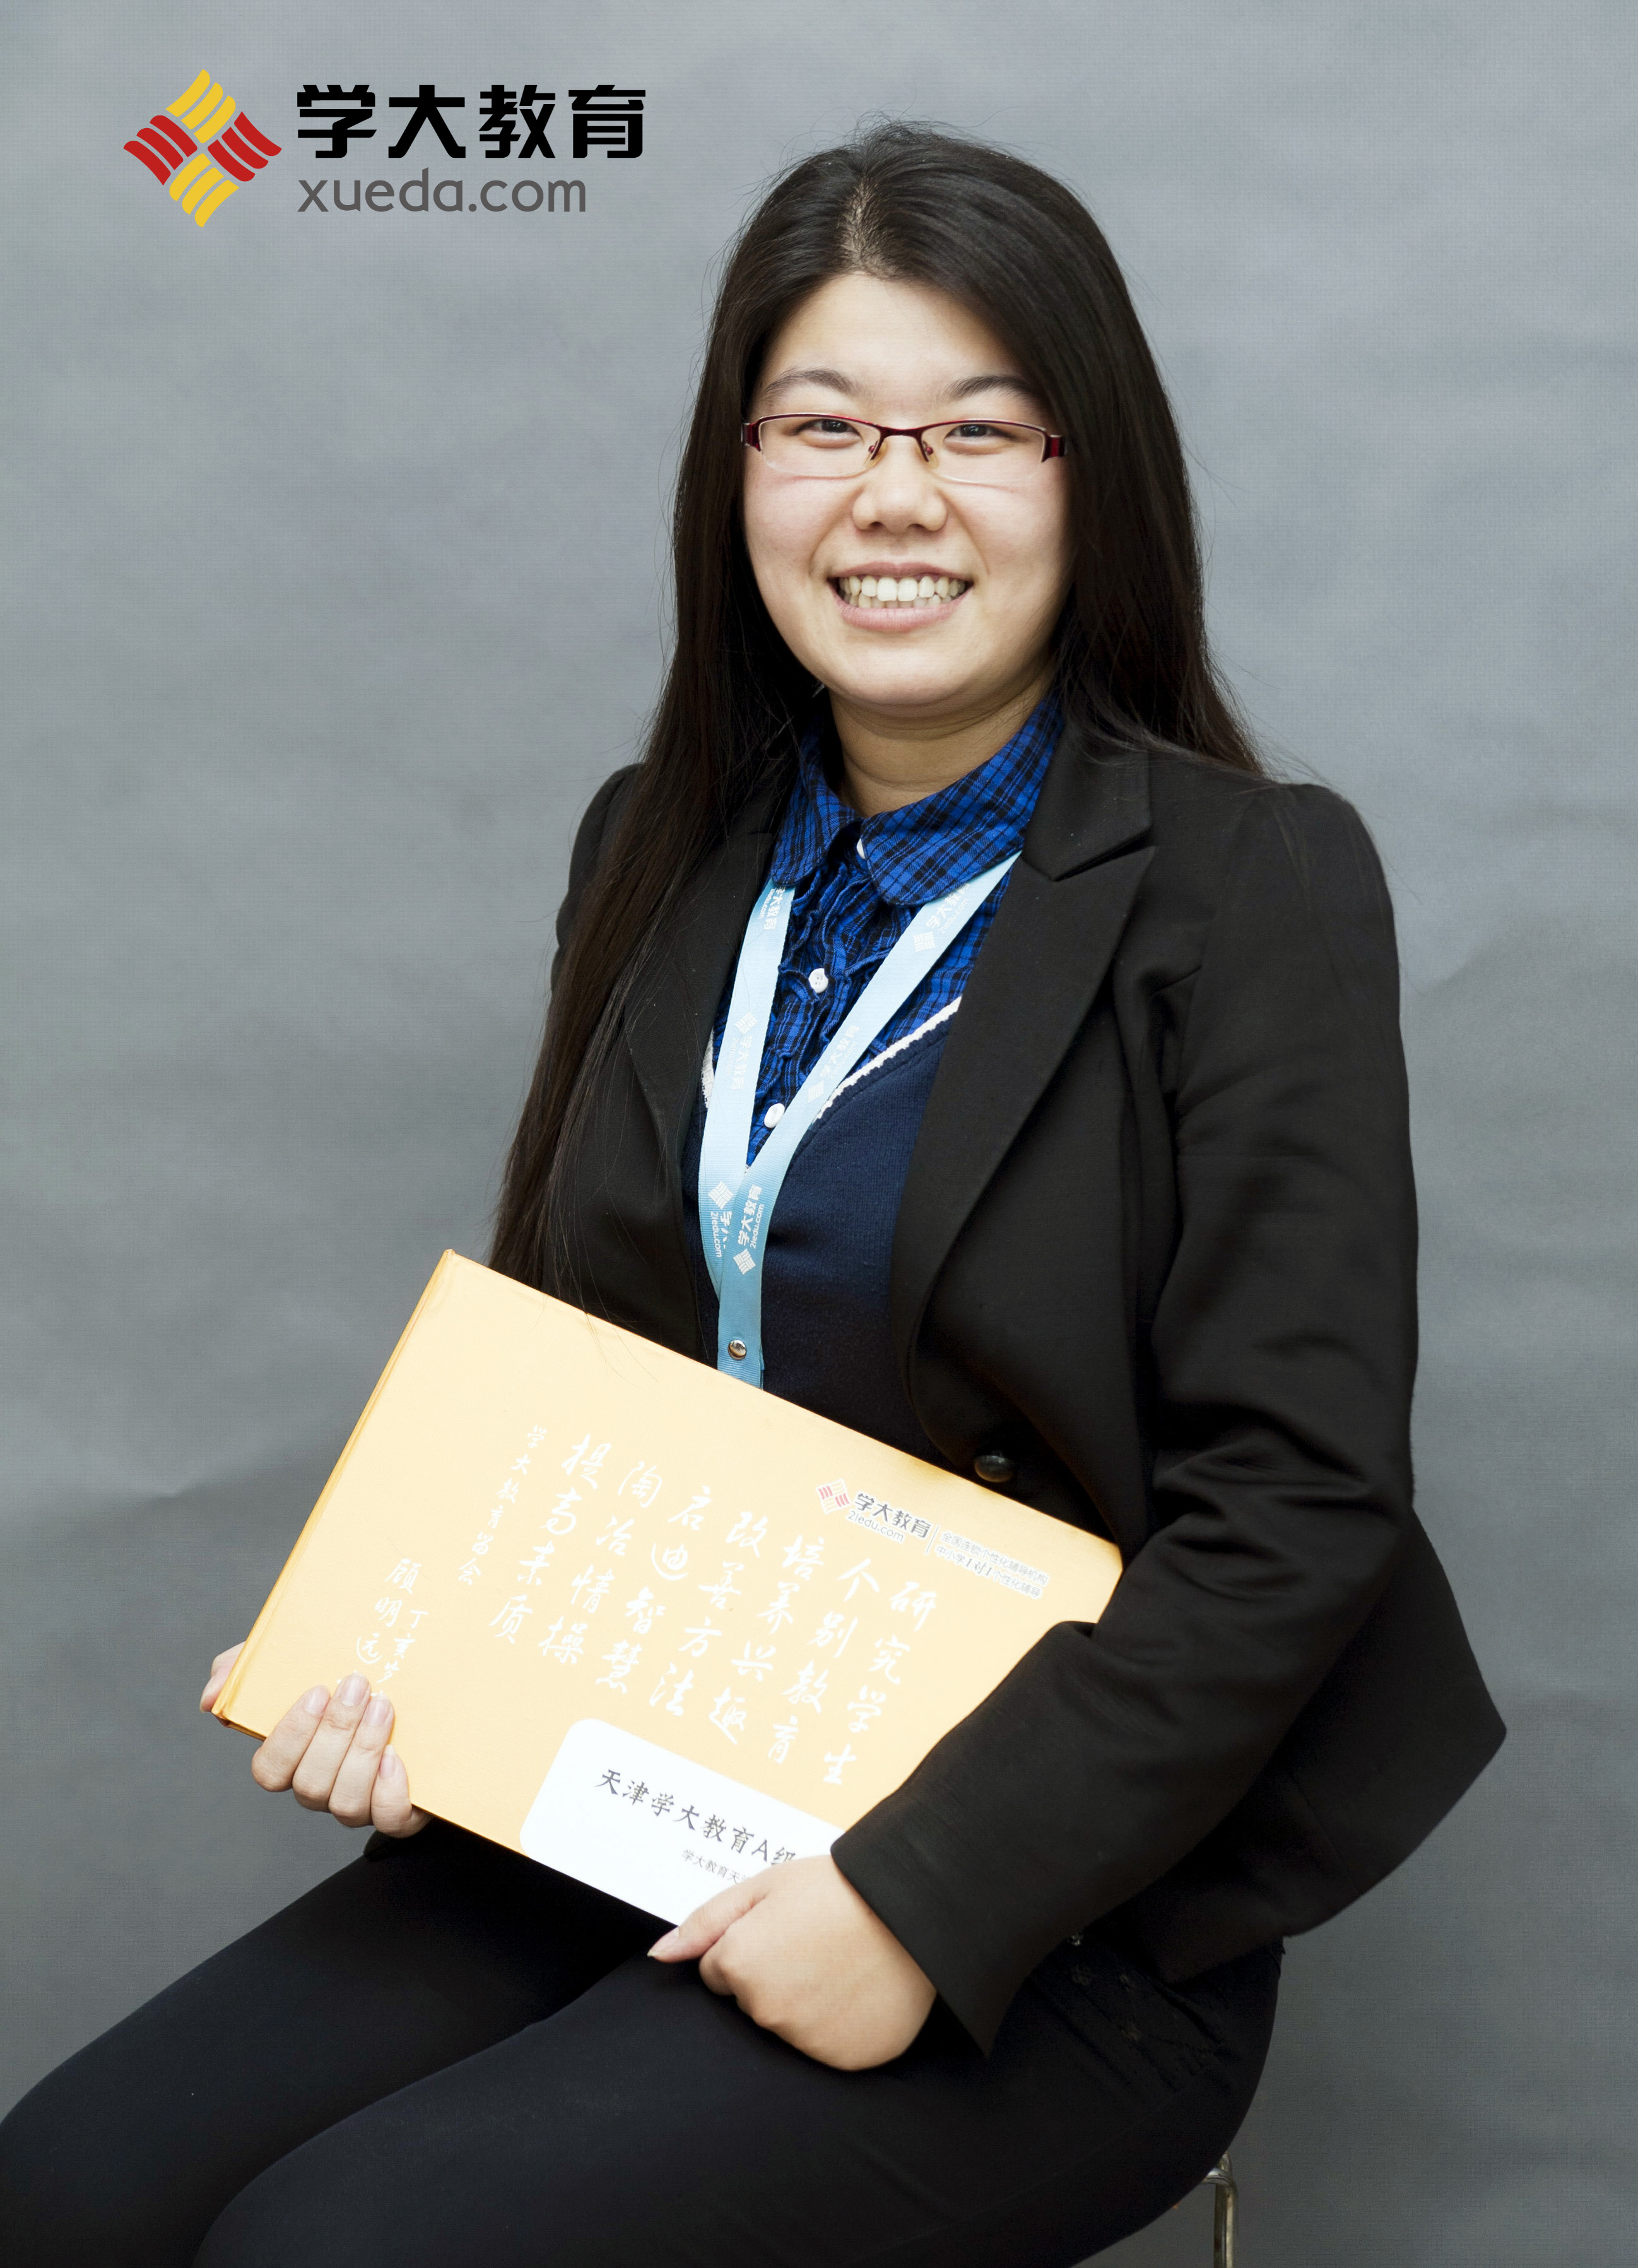 高中老师-高中语文老师_张莉莉